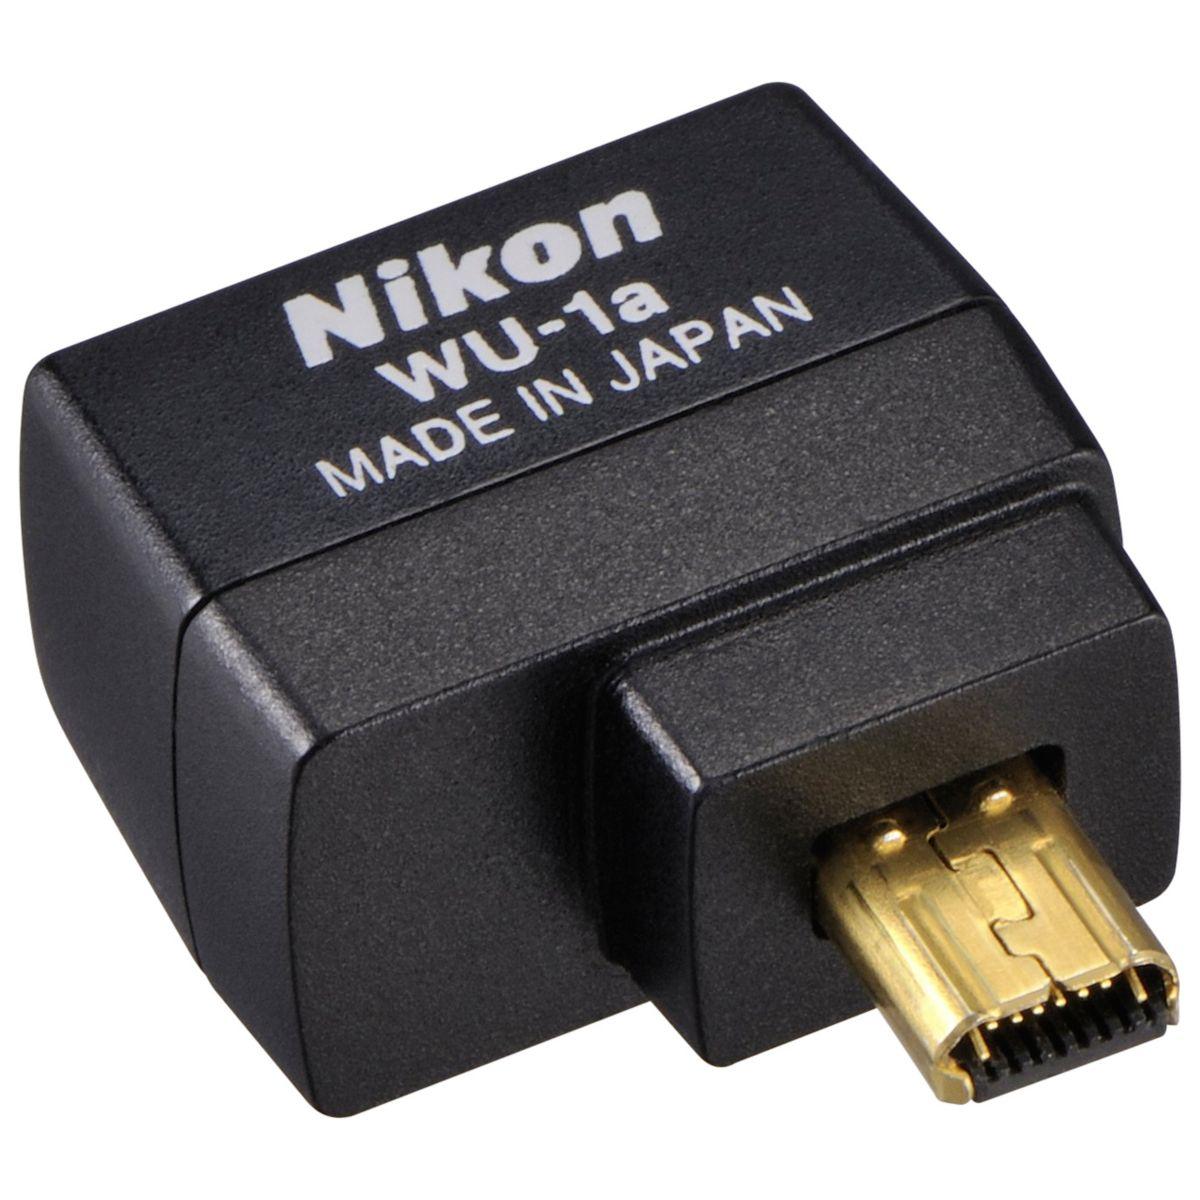 Nikon transmetteur sans fil wu-1a